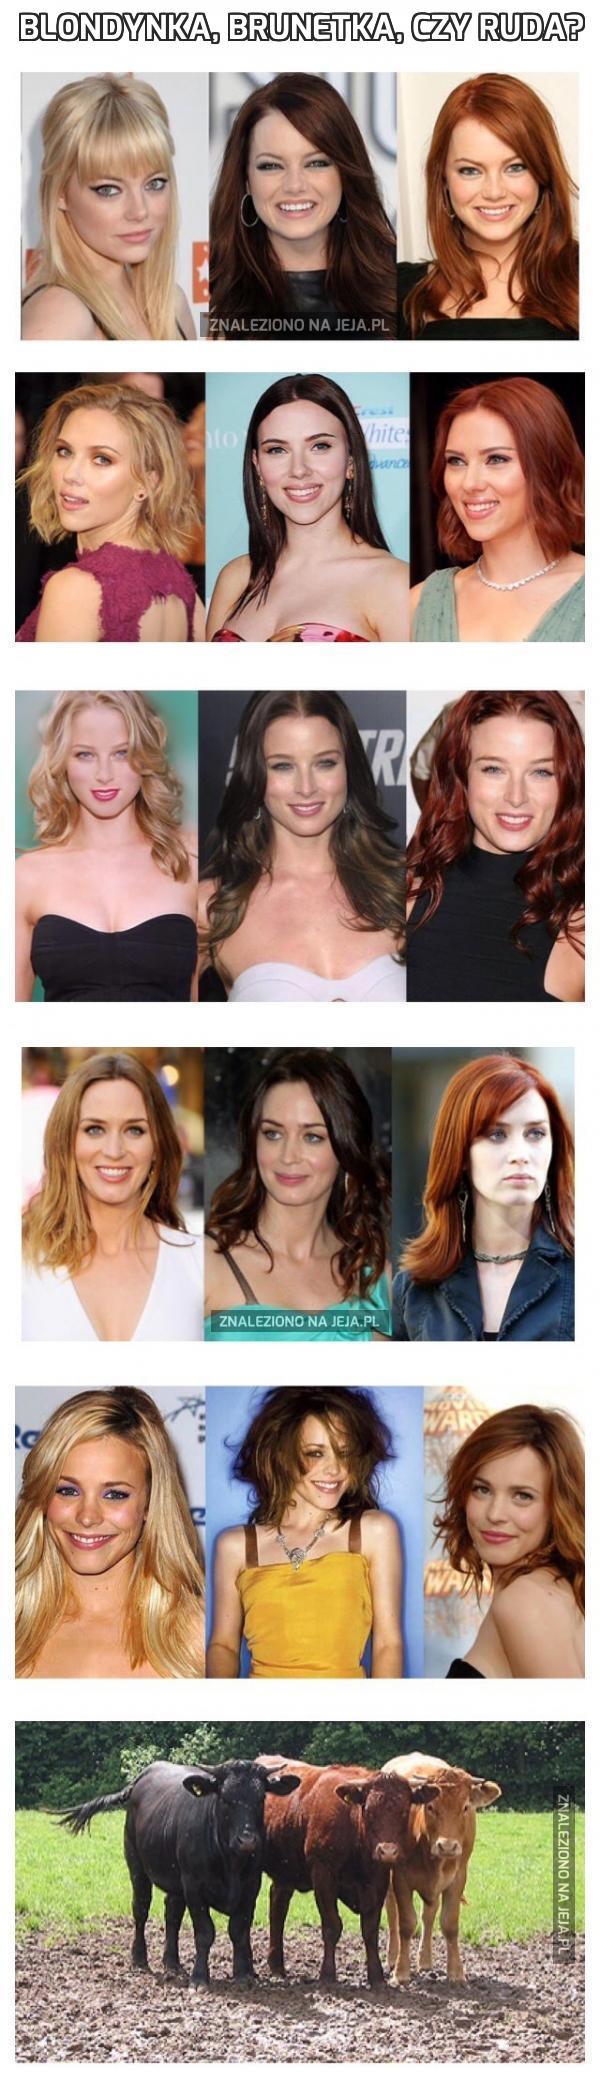 Blondynka, brunetka, czy ruda?